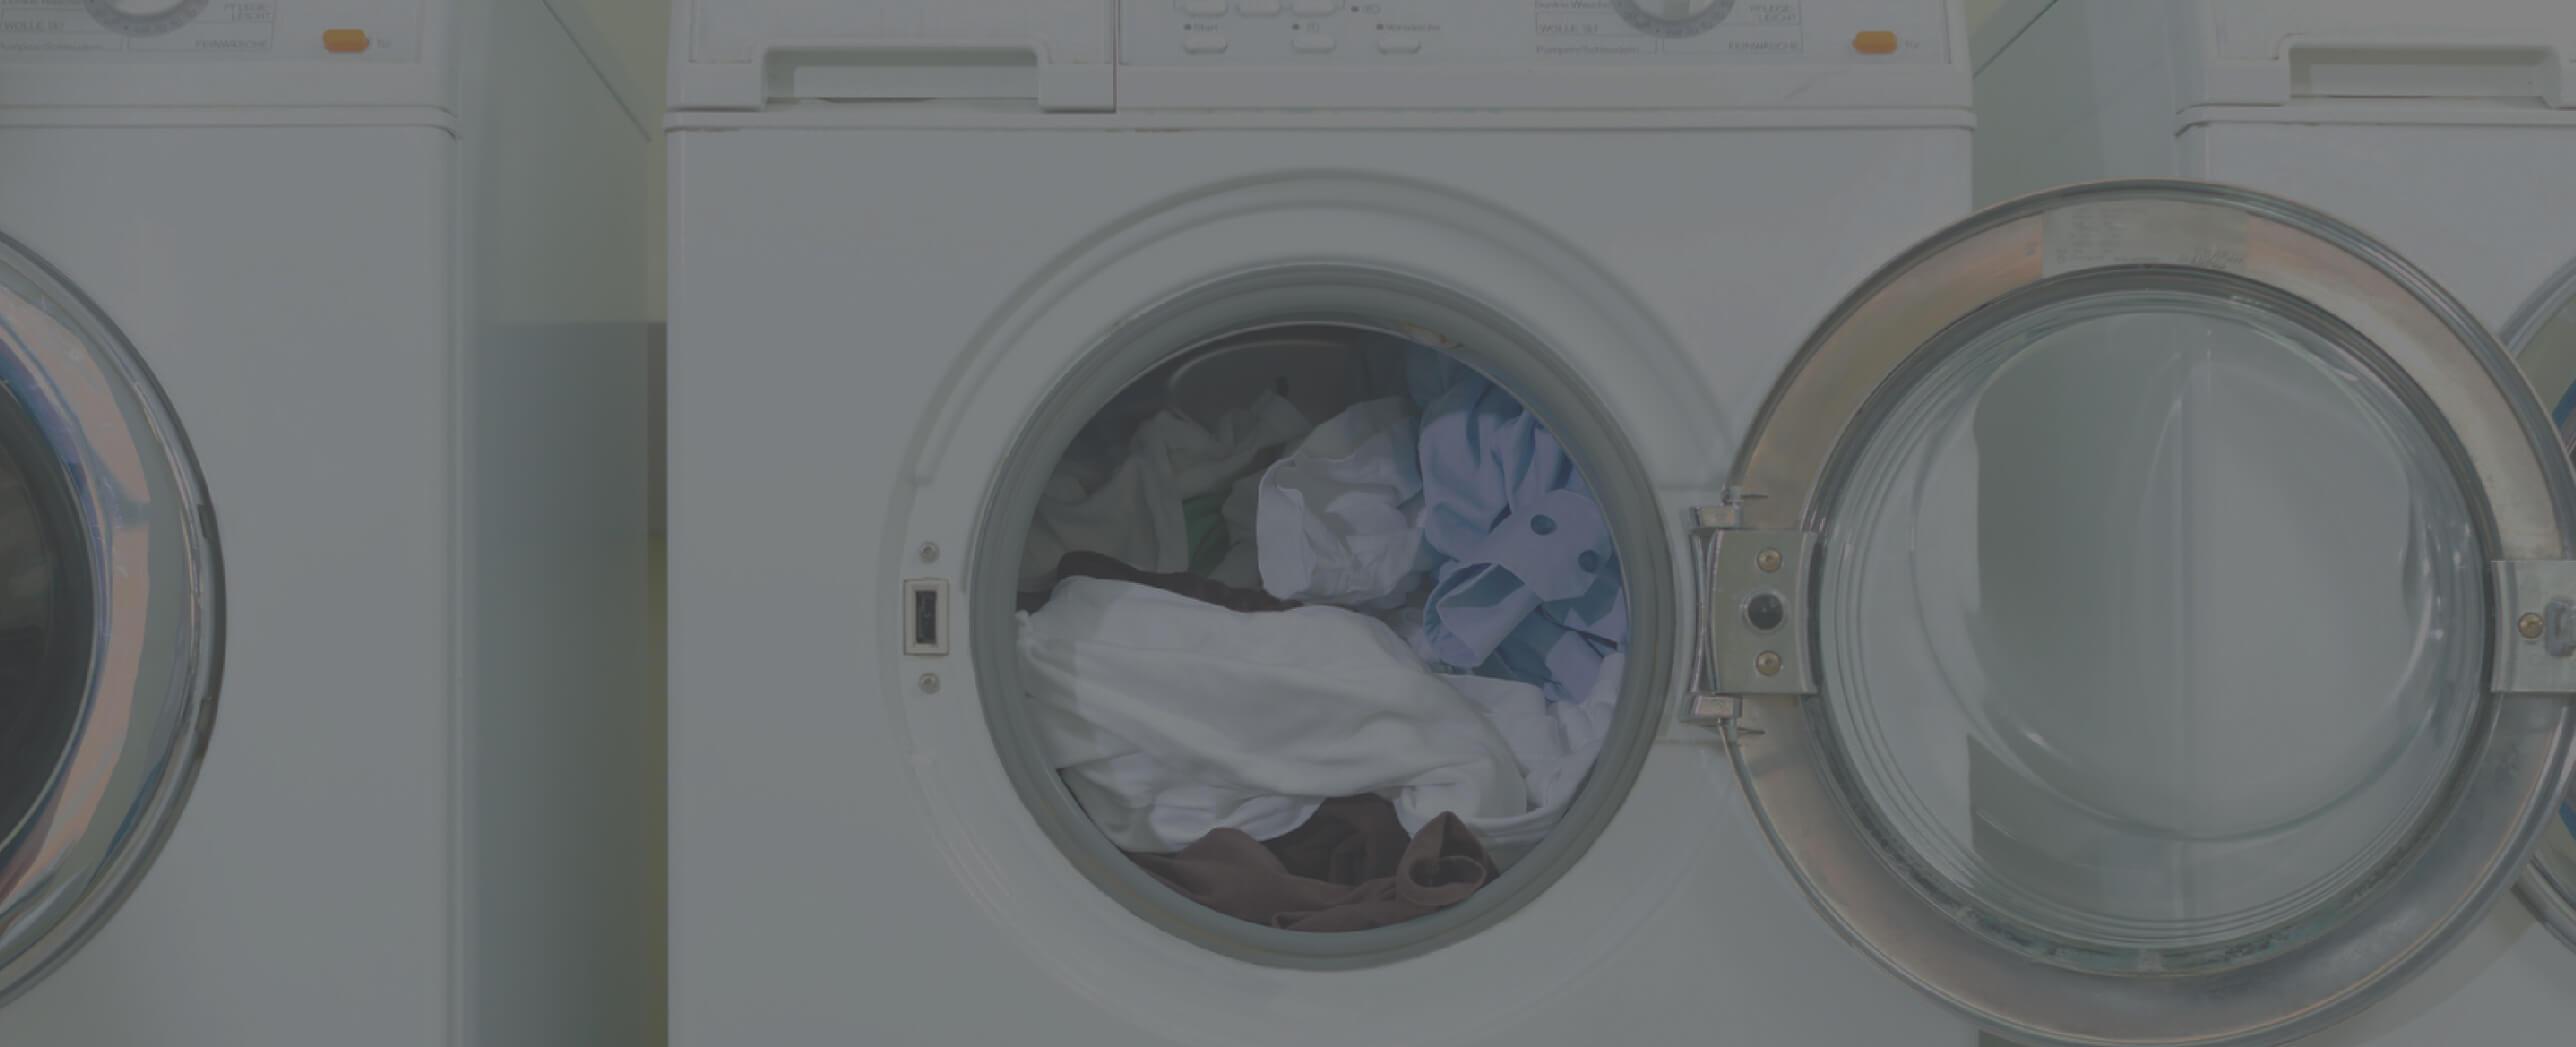 Washing machine repairs main